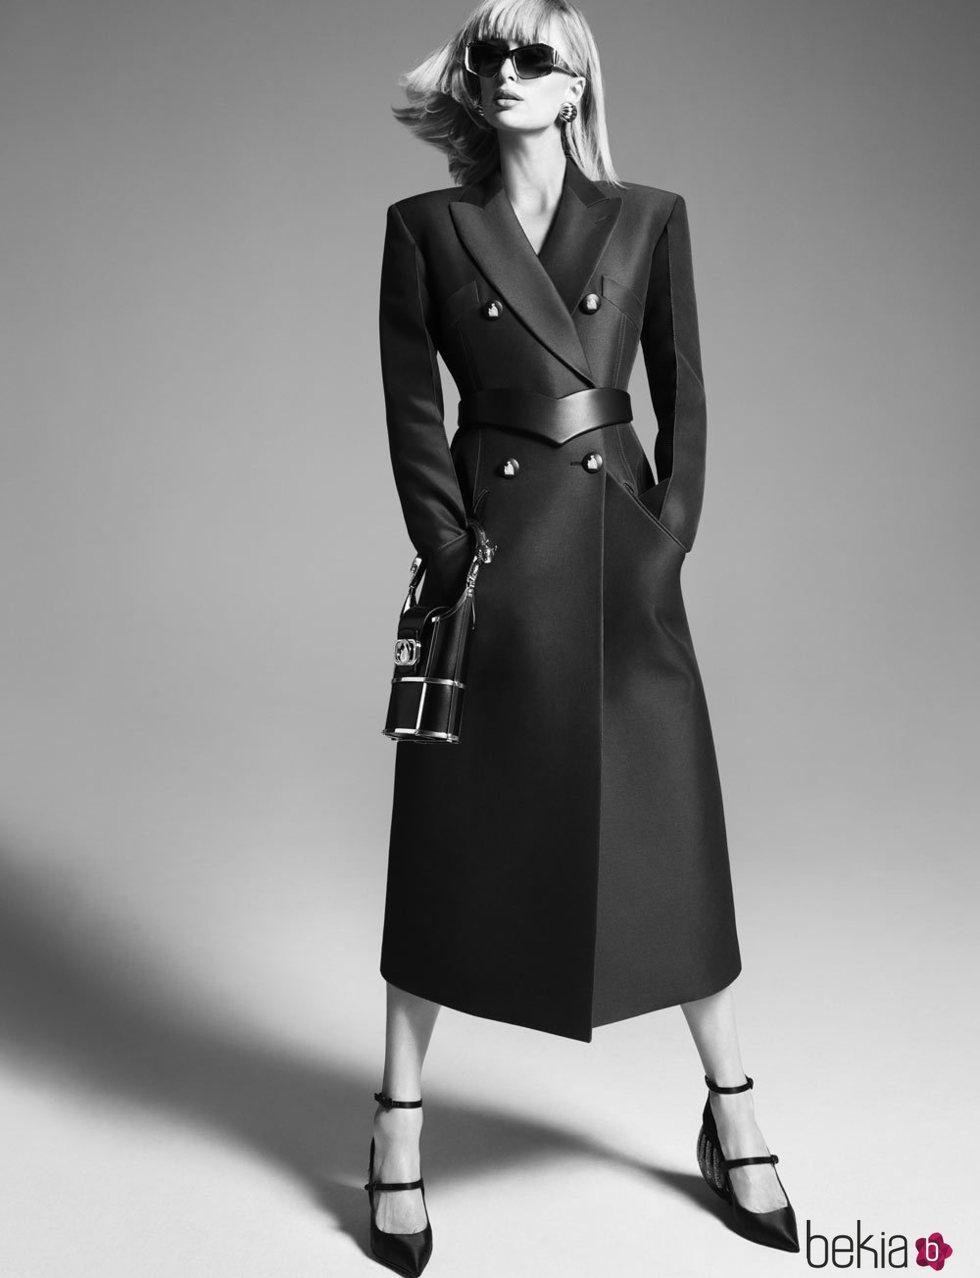 Paris Hilton con abrigo largo de paño negro de la campaña otoño/invierno 2021/2022 de Lanvin